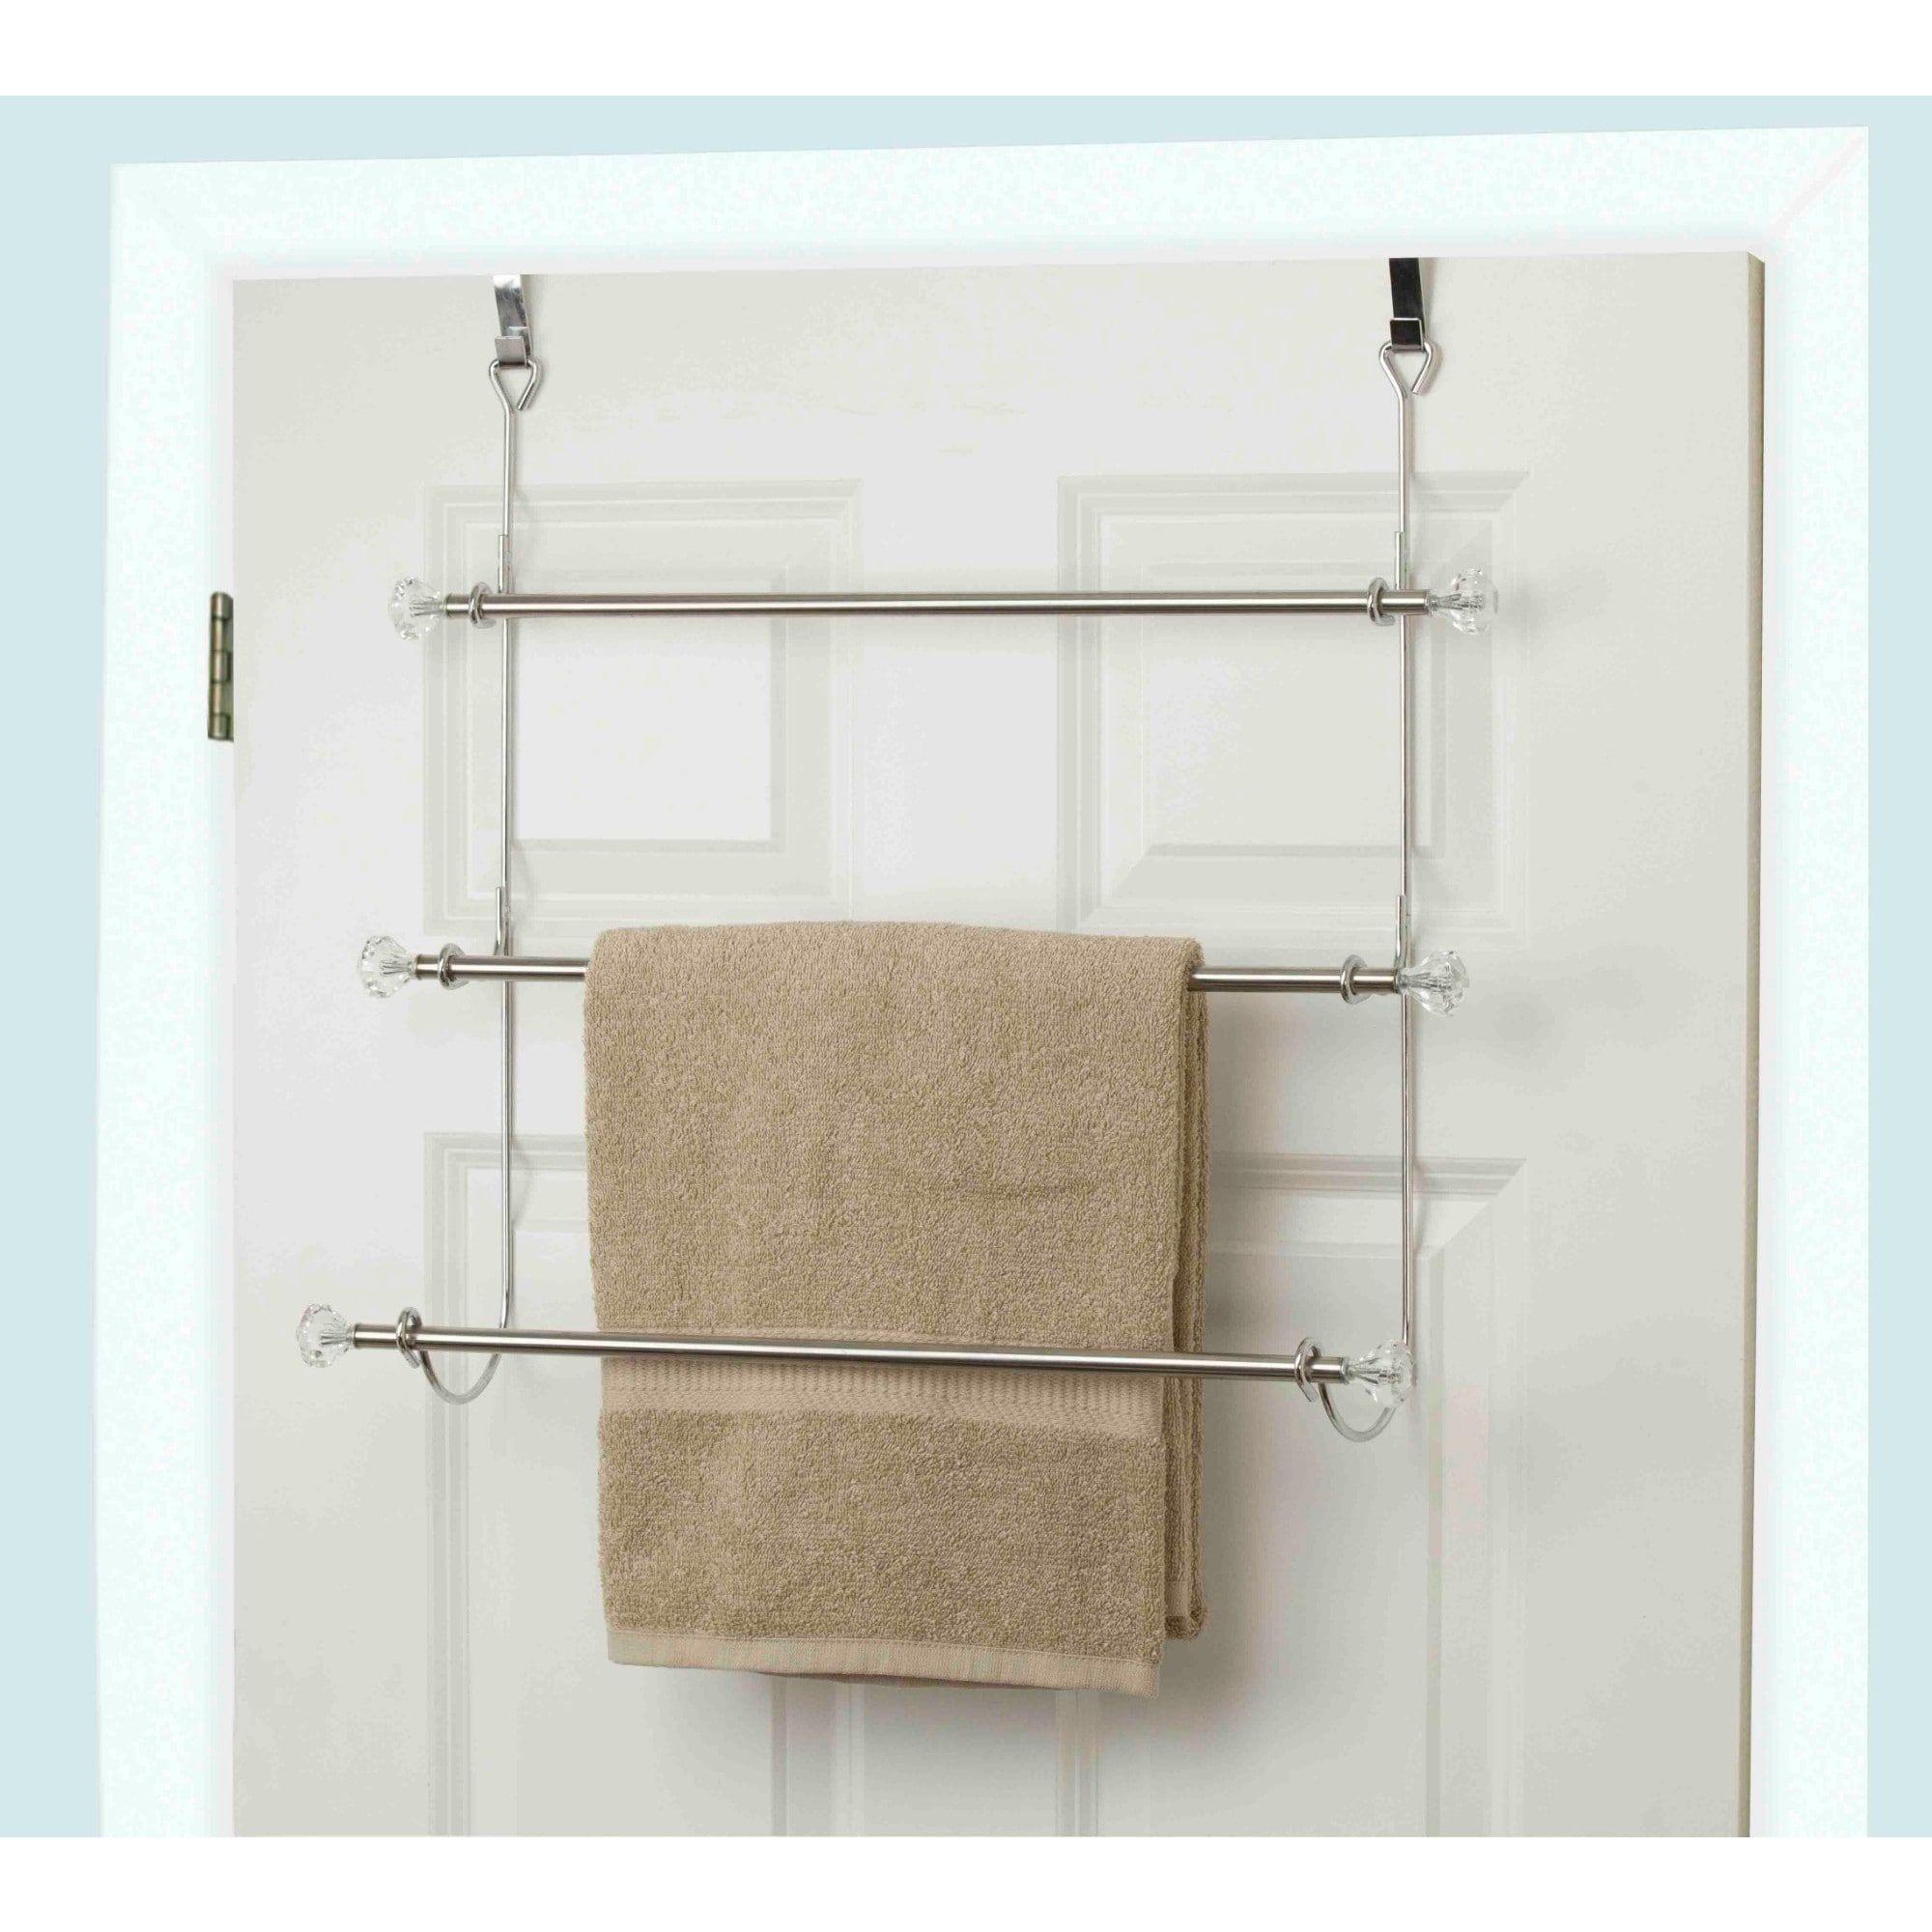 Home Basics 3 Tier Chrome Plated Steel Over The Door Towel Rack Walmart Com Towel Rack Over Door Towel Rack Home Basics